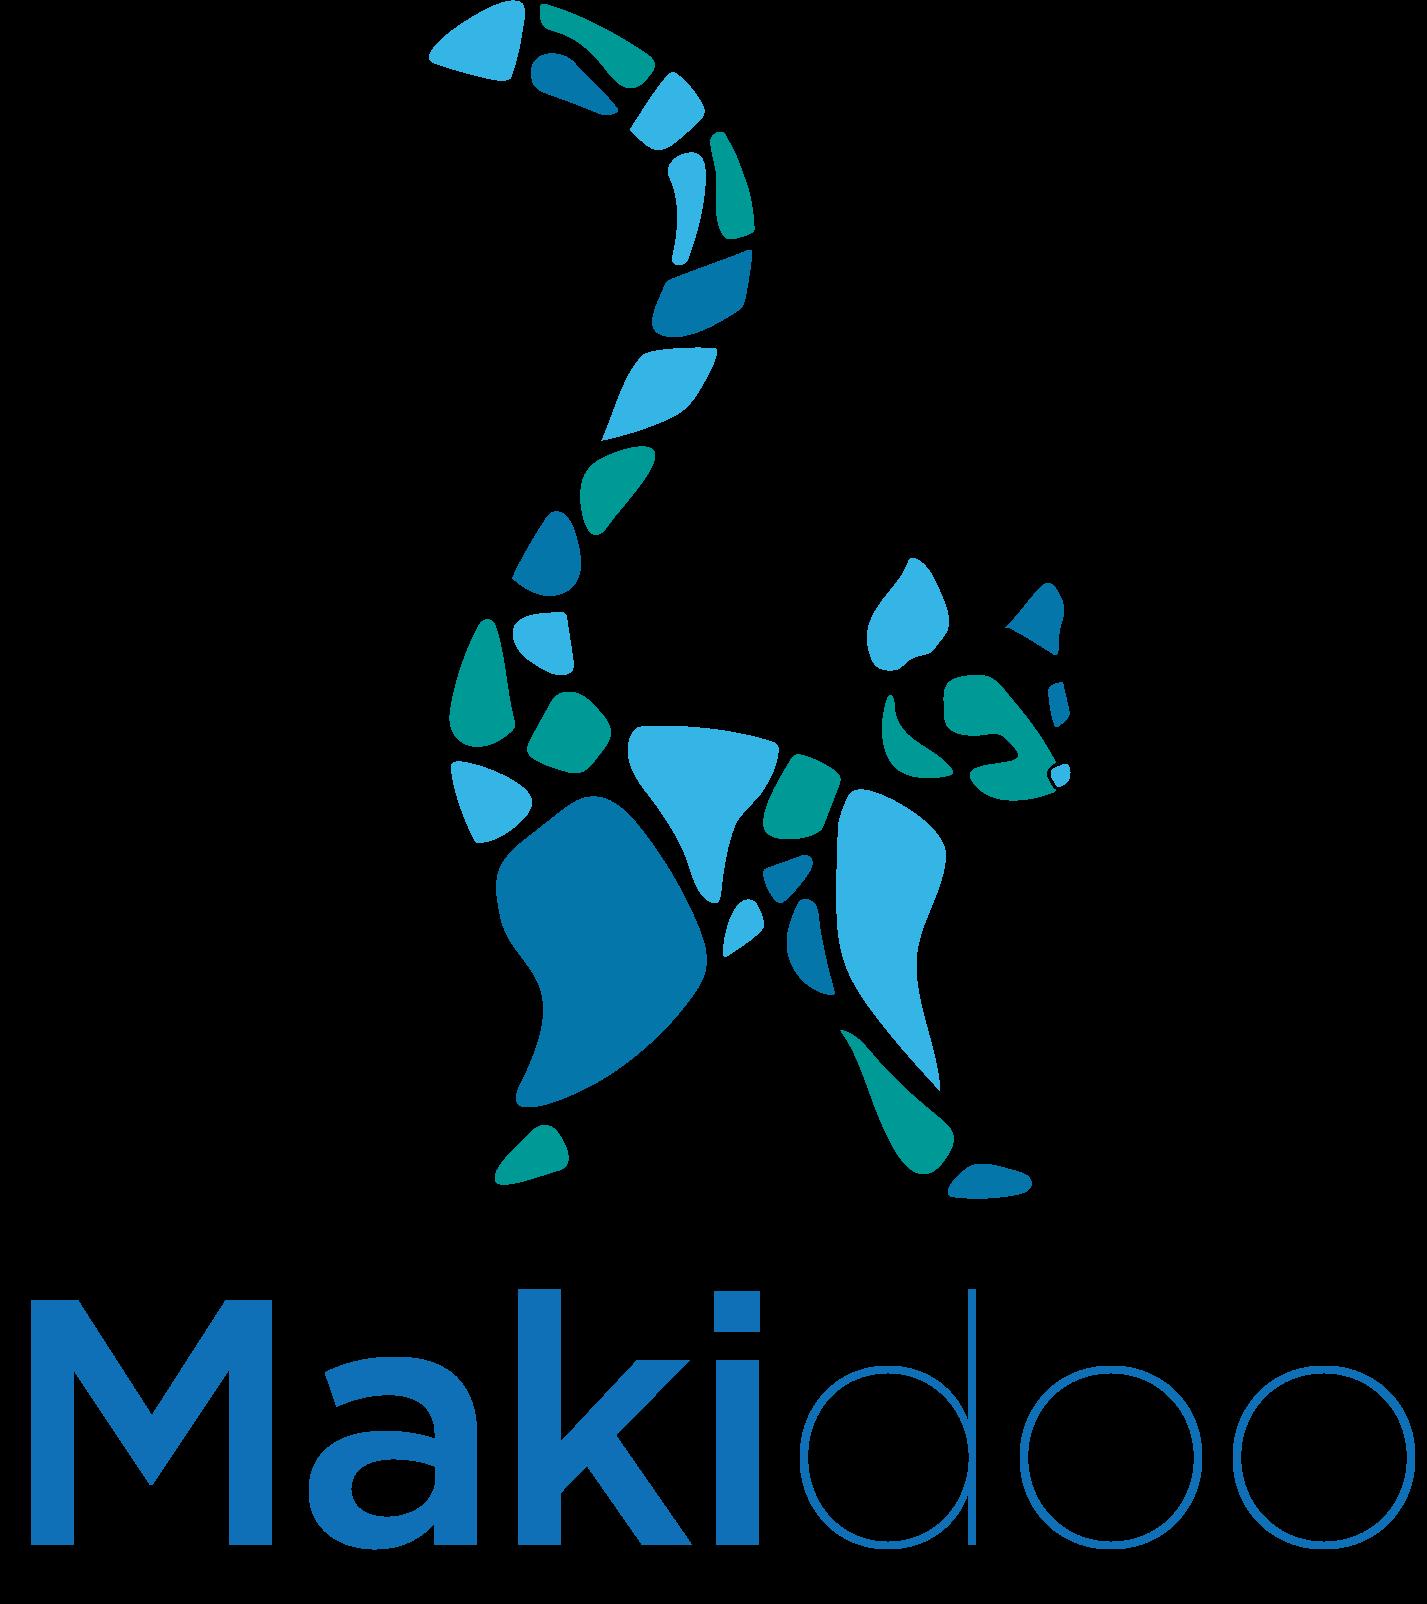 Getasound à trouvé des musiques qui servent à l'habillage sonore des vidéos générées par Makidoo